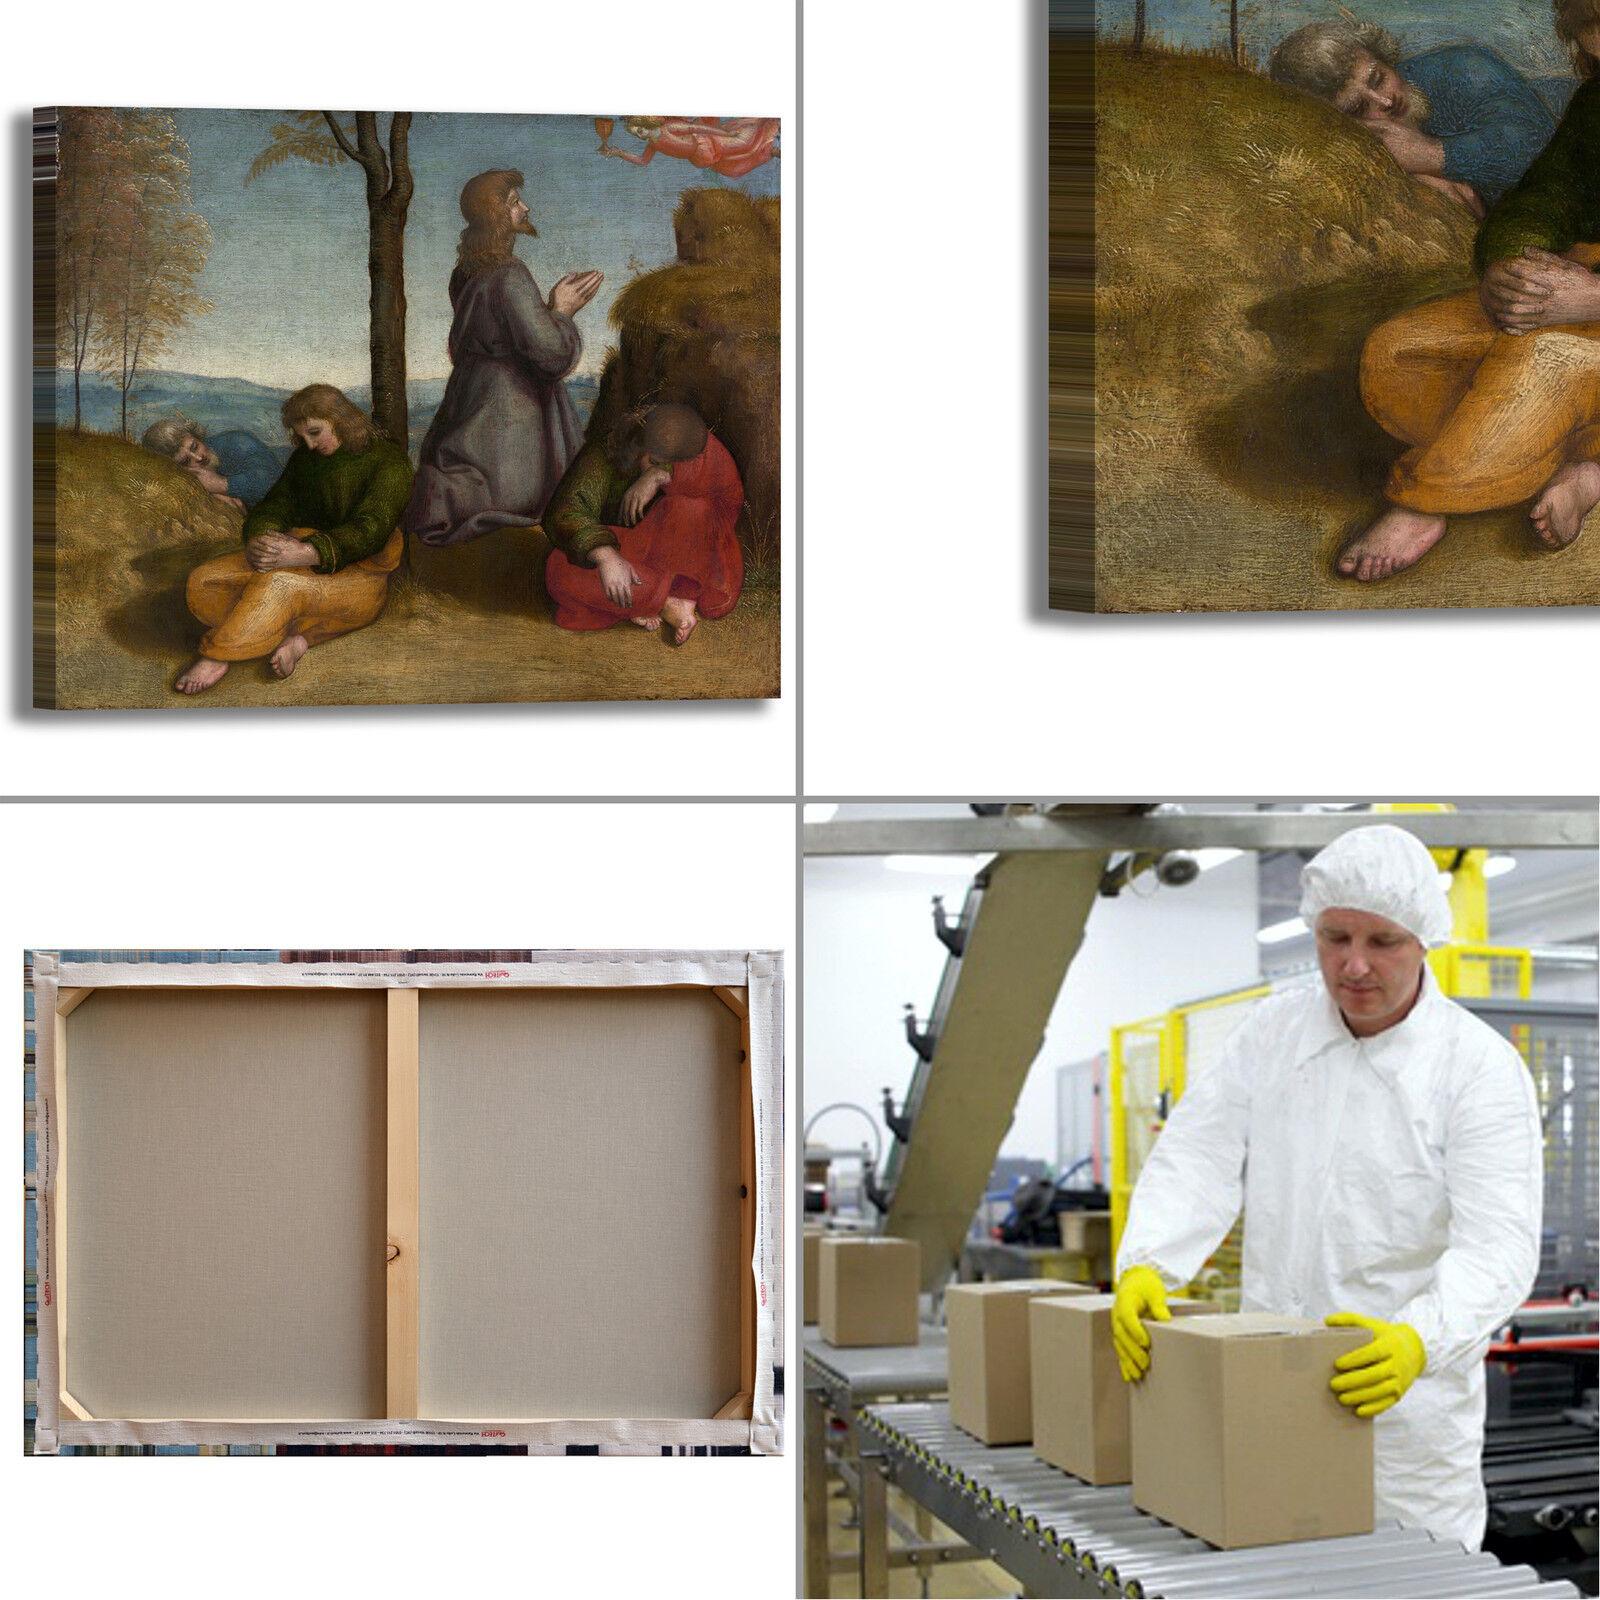 Raffaello agonia nel stampa giardino quadro stampa nel tela dipinto telaio arRouge o casa 38c872